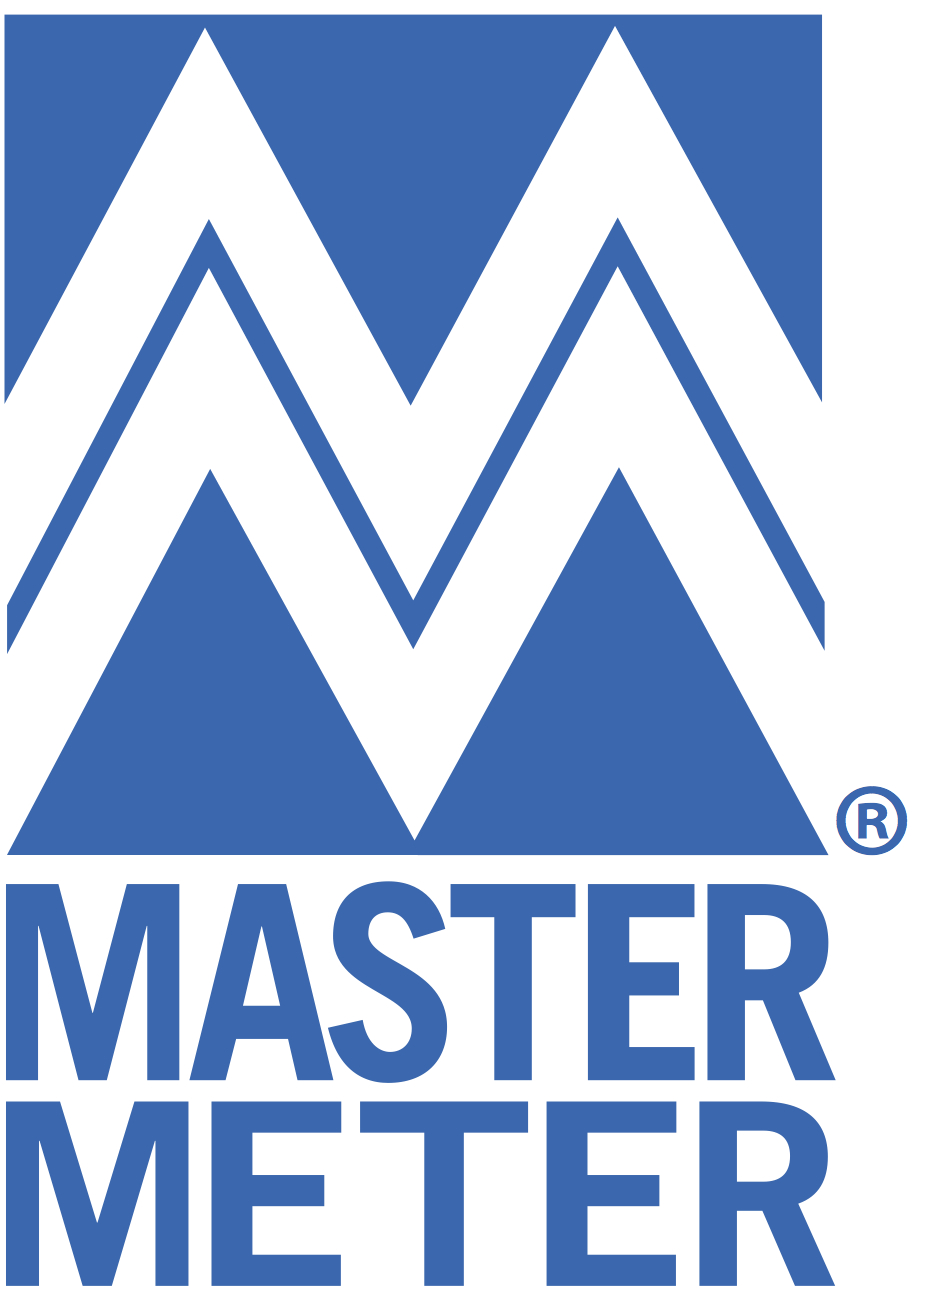 Master Meter.jpg